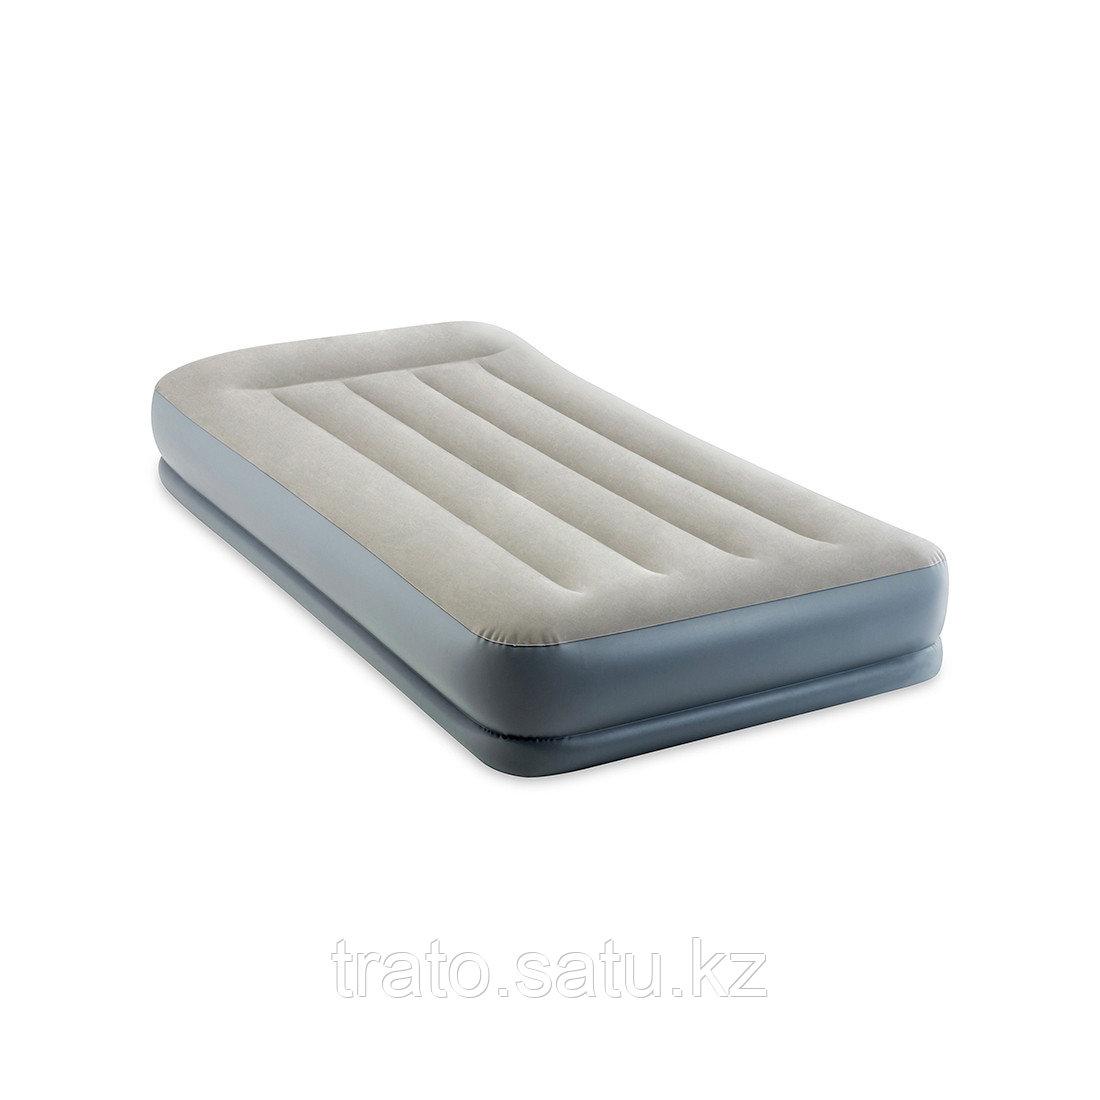 Матрас надувной Intex 191 х 99 х 30 см